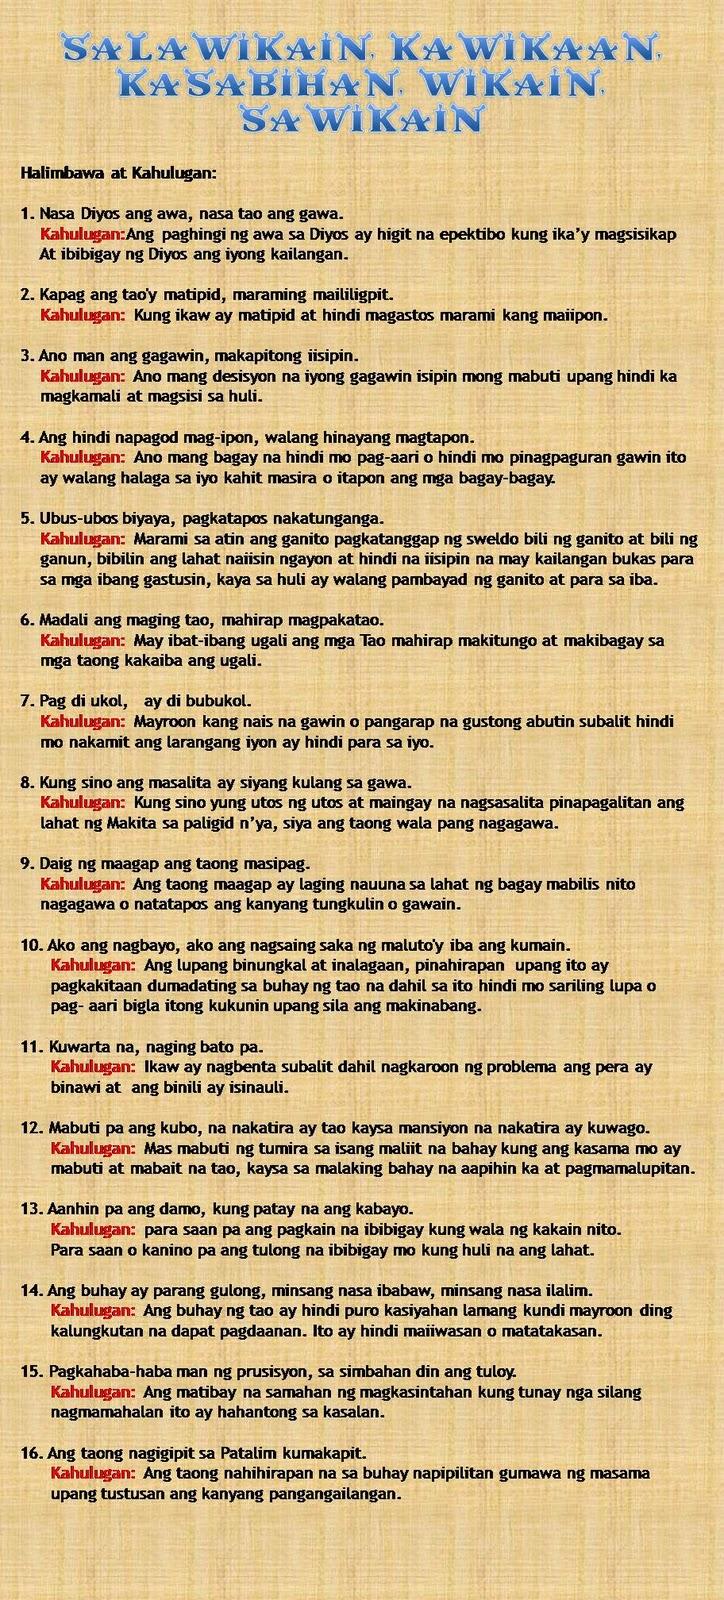 mga kasabihan Buhay mo hawak mo ,ang lagi kong sinasaisip mga bagay na minsan na aking pinagdaanan at ngayon ay aking binigyan na kahalagahan bawat taong nabubuhay ay ma.